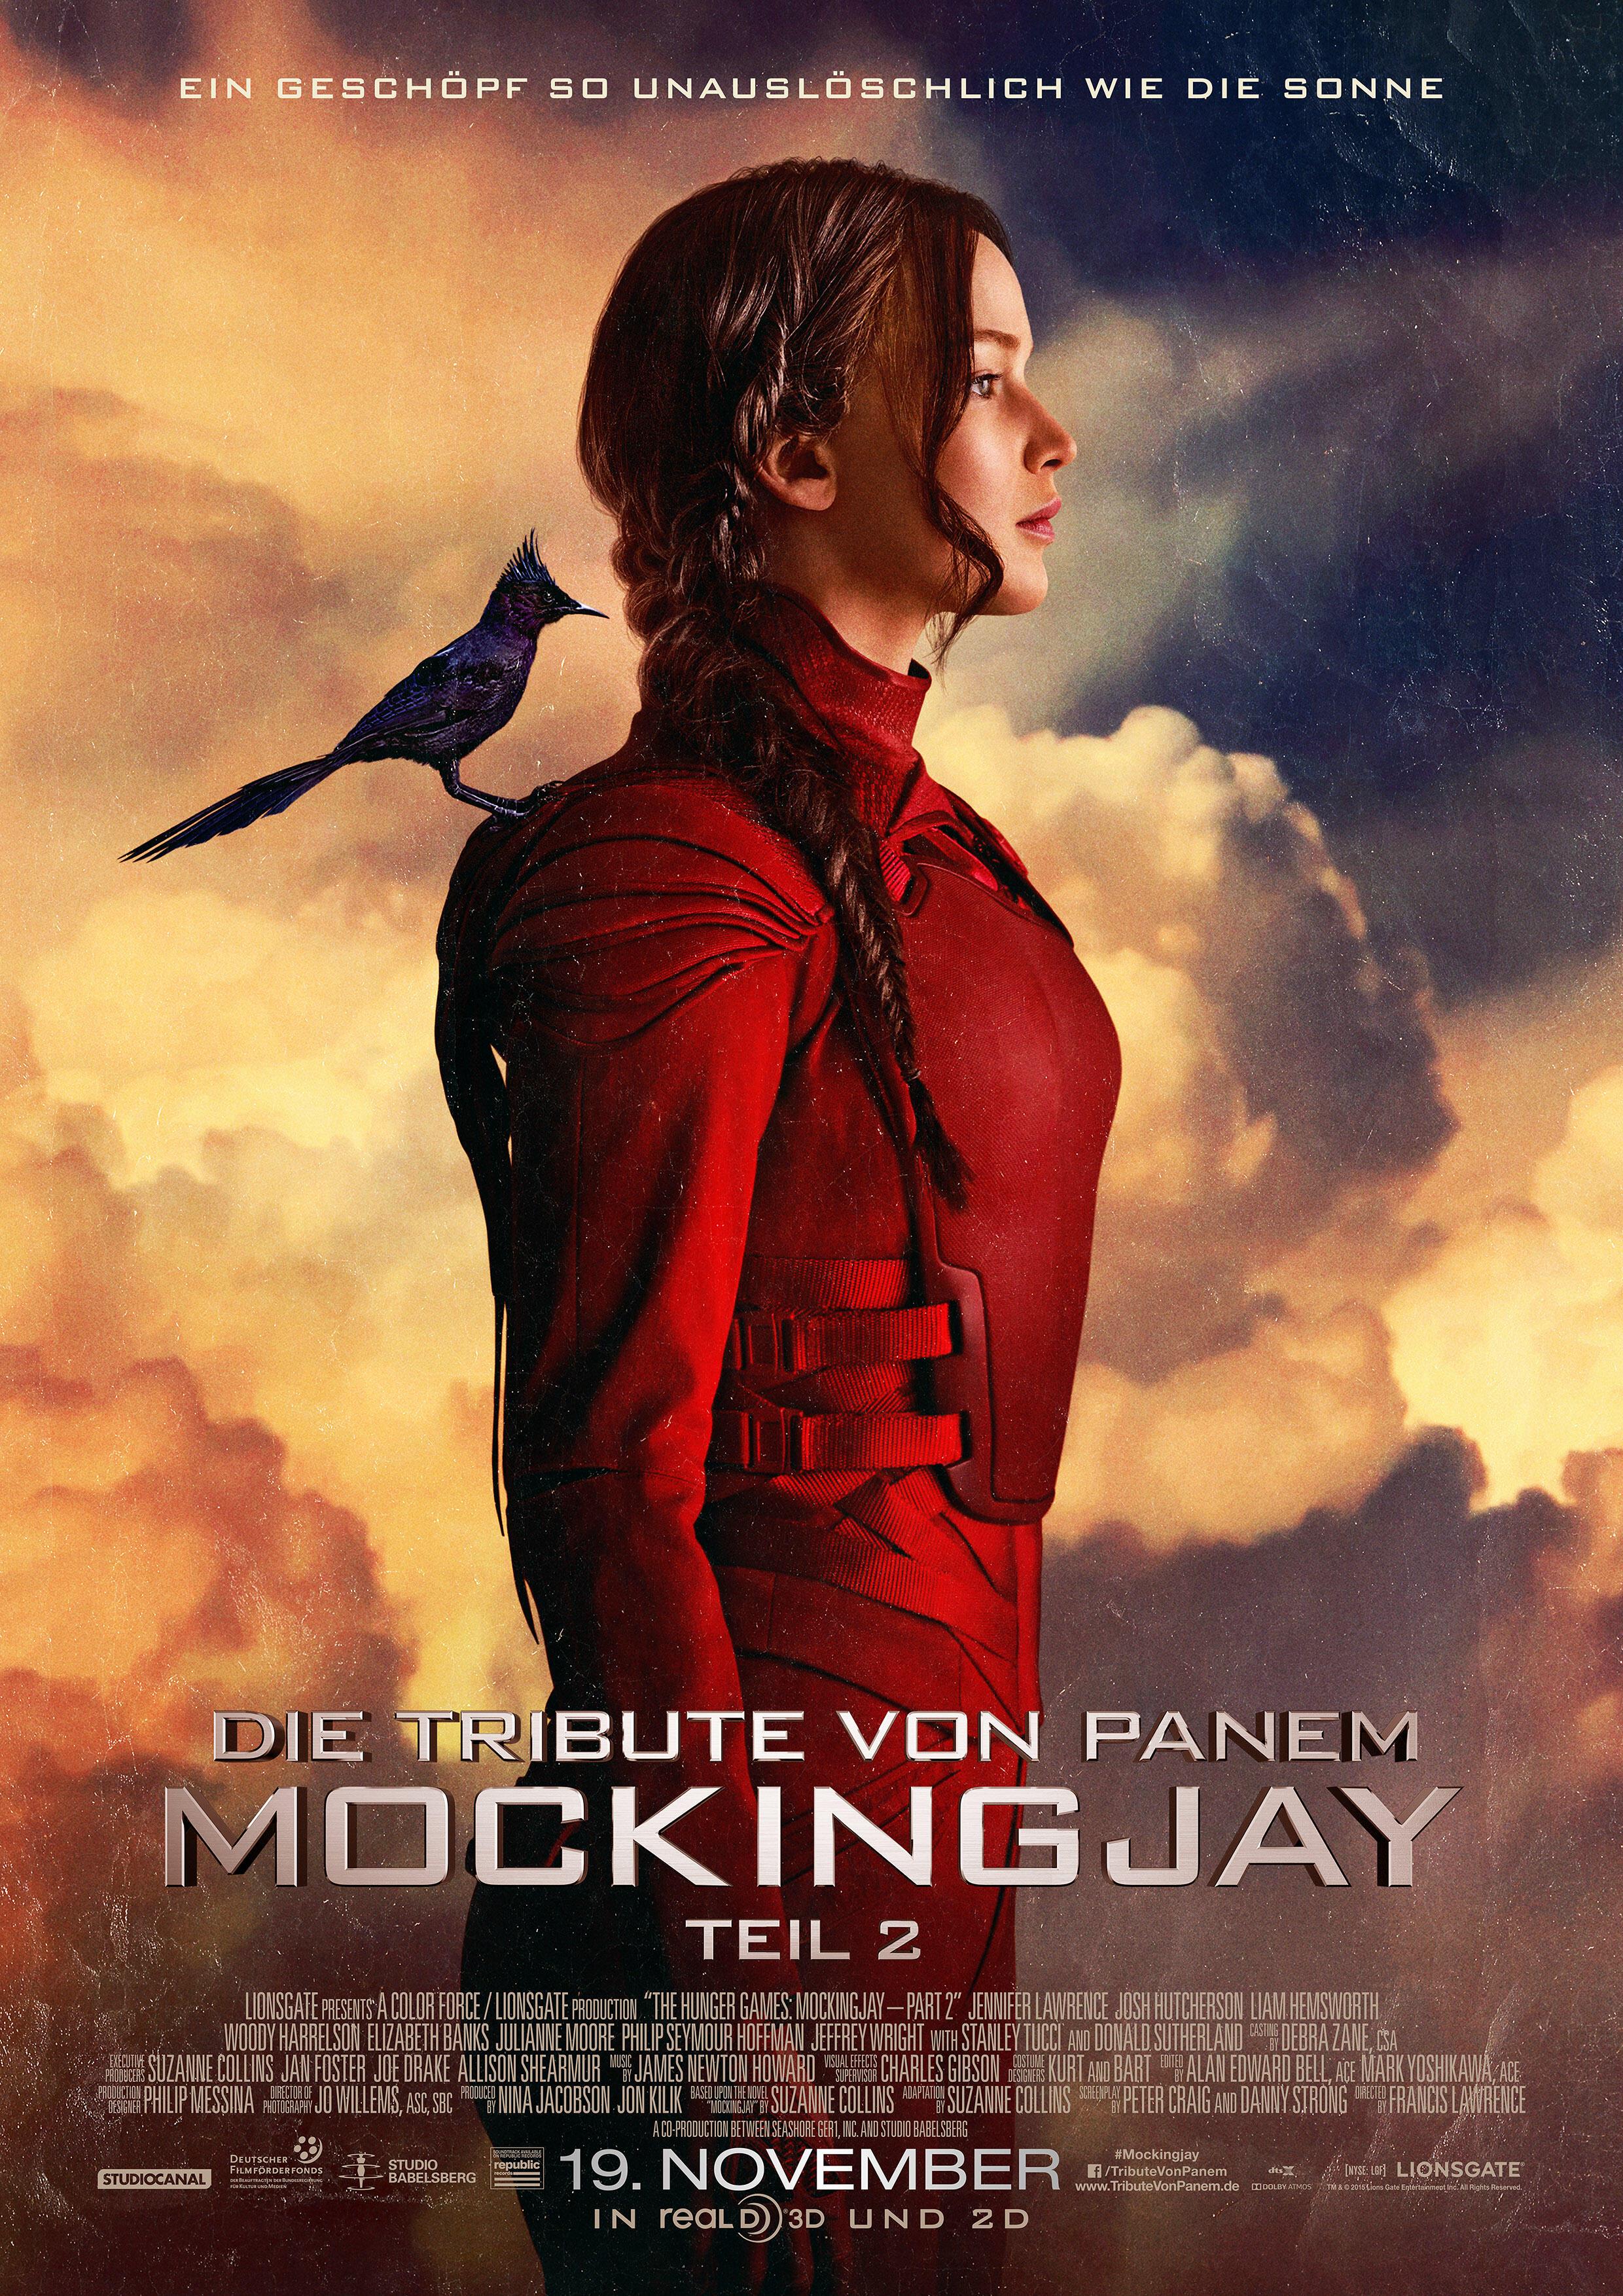 Die tribute von panem mockingjay teil 2 bild 58 von 92 for Die tribute von panem 2